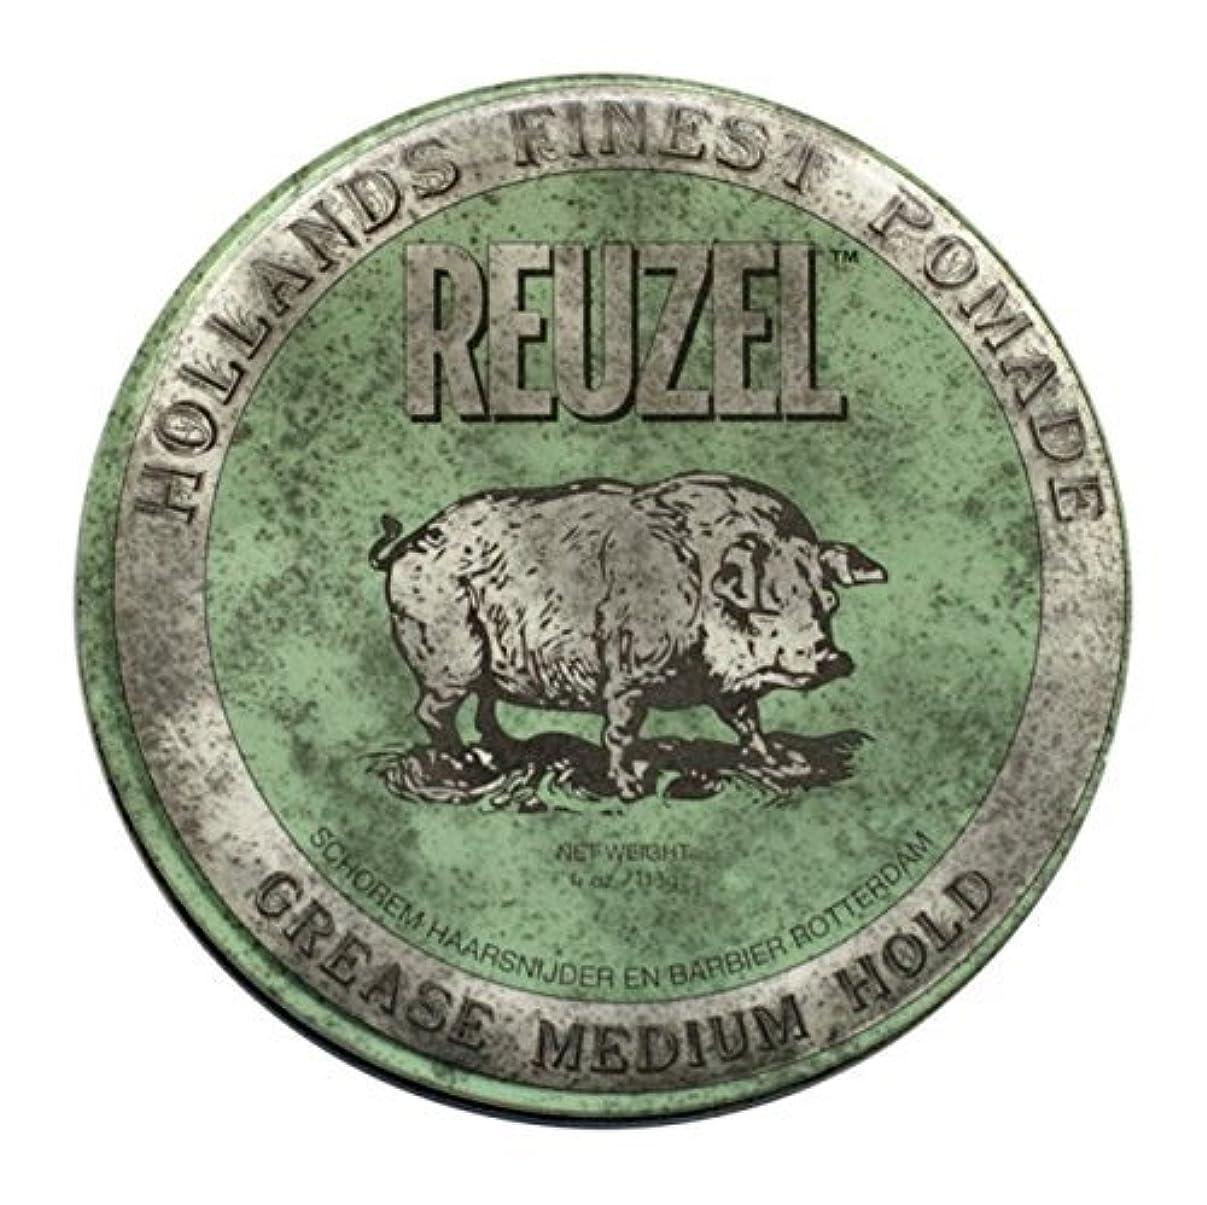 急性自分のために製品REUZEL Grease Hold Hair Styling Pomade Piglet Wax/Gel, Medium, Green, 1.3 oz, 35g [並行輸入品]